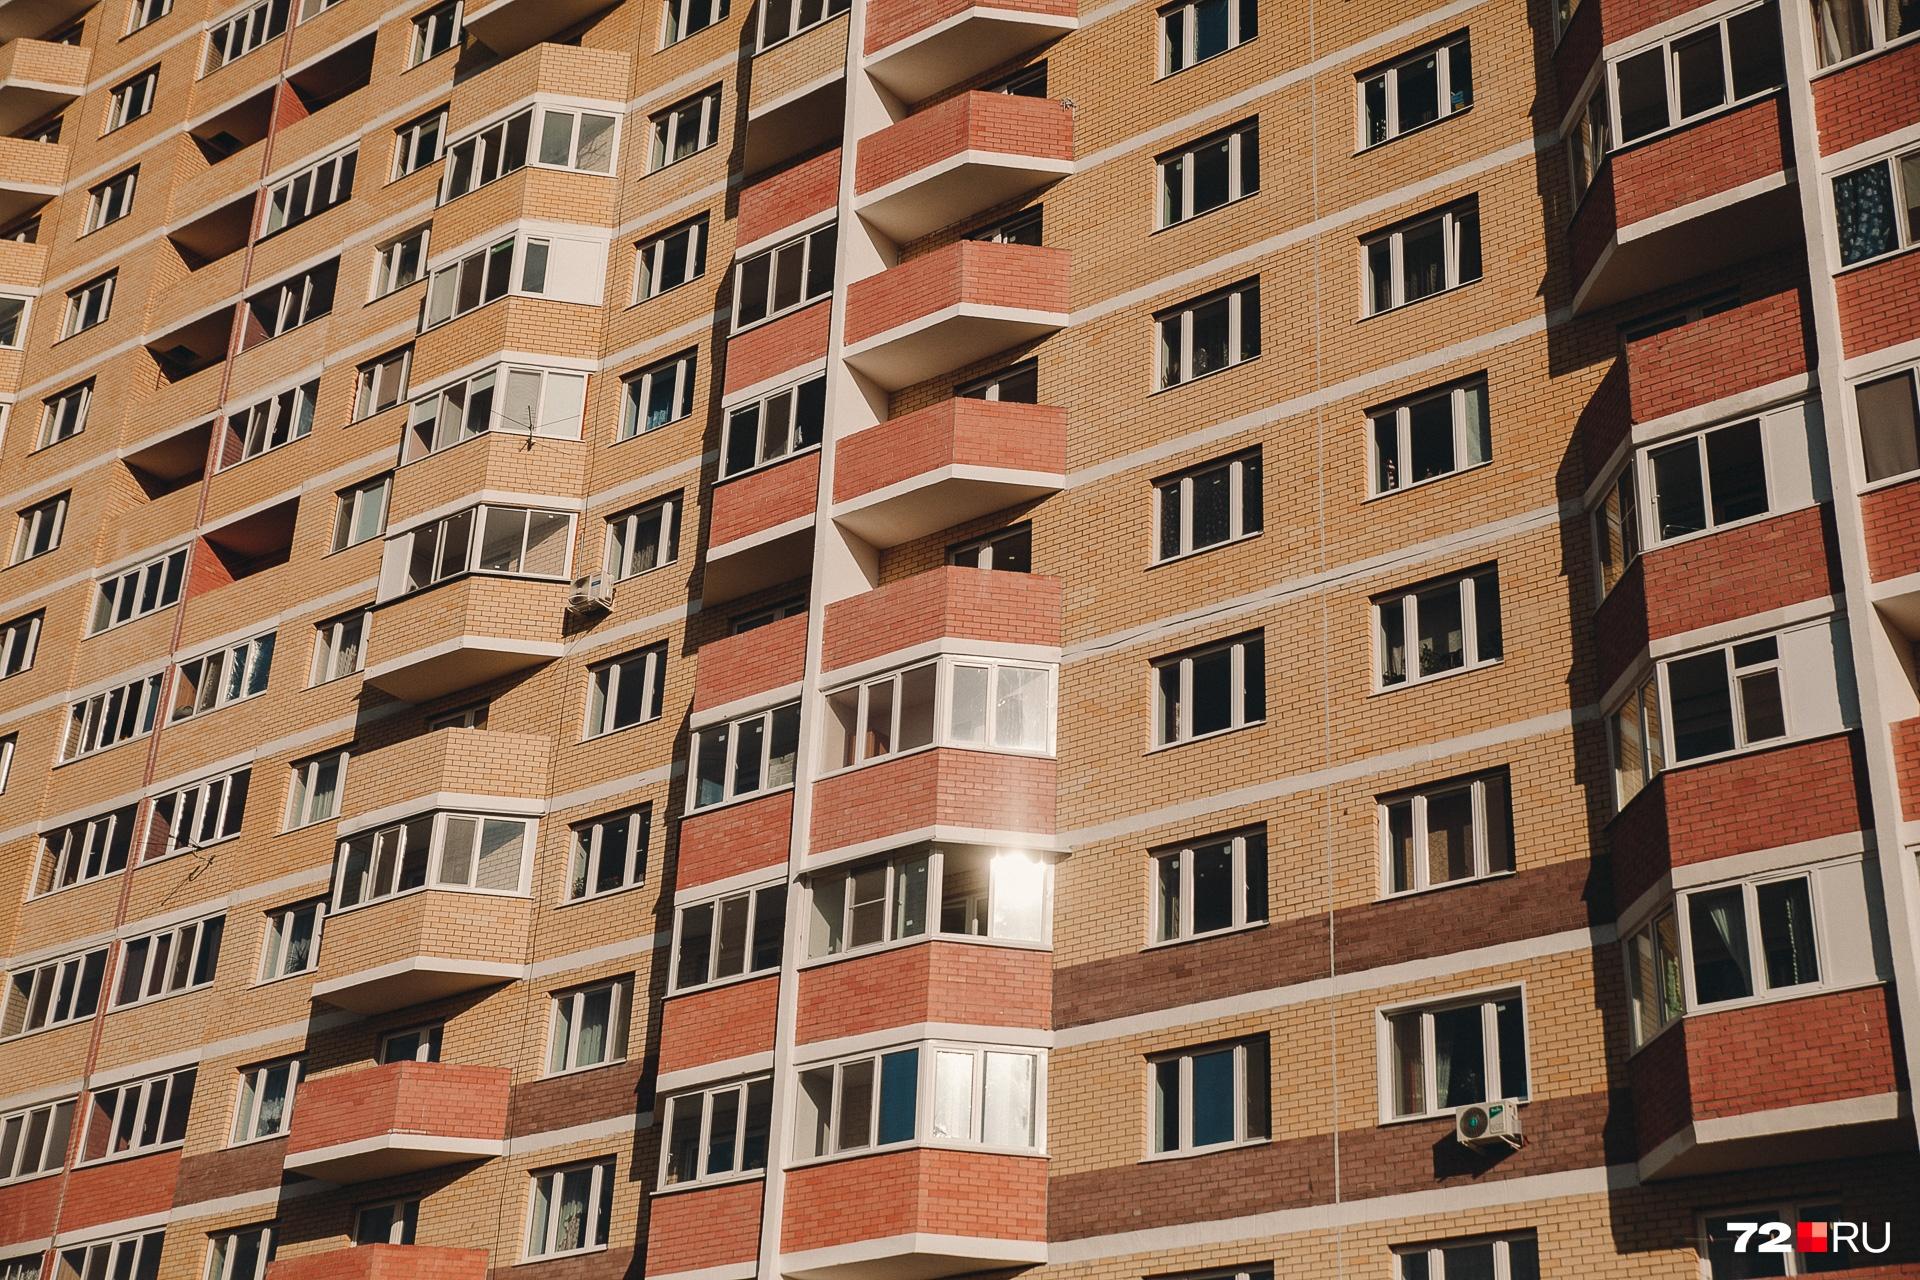 Собственники одной из квартир обнаружили дефект, когда решили утеплить балкон